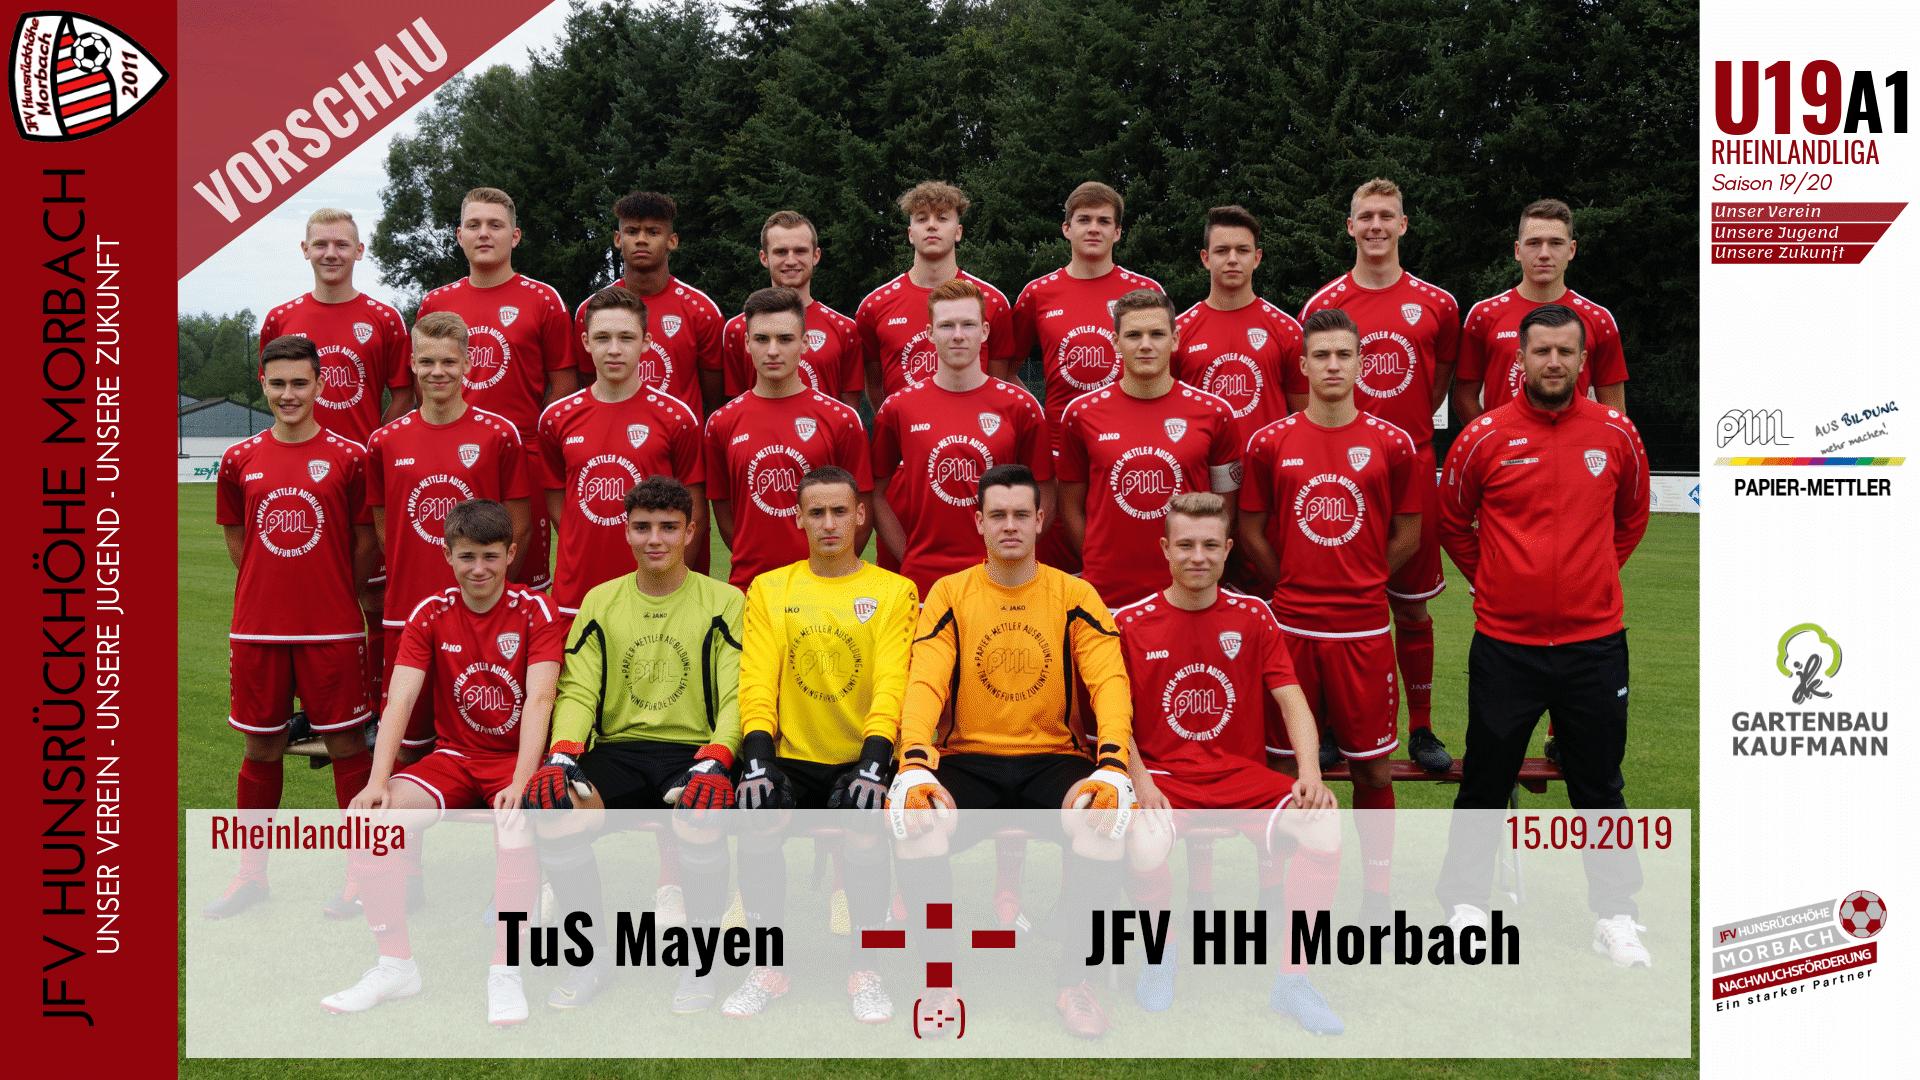 You are currently viewing U19 A1: Vorbericht ~ TuS Mayen – JFV Hunsrückhöhe Morbach ~ So., 15.09.19 15:00 Uhr